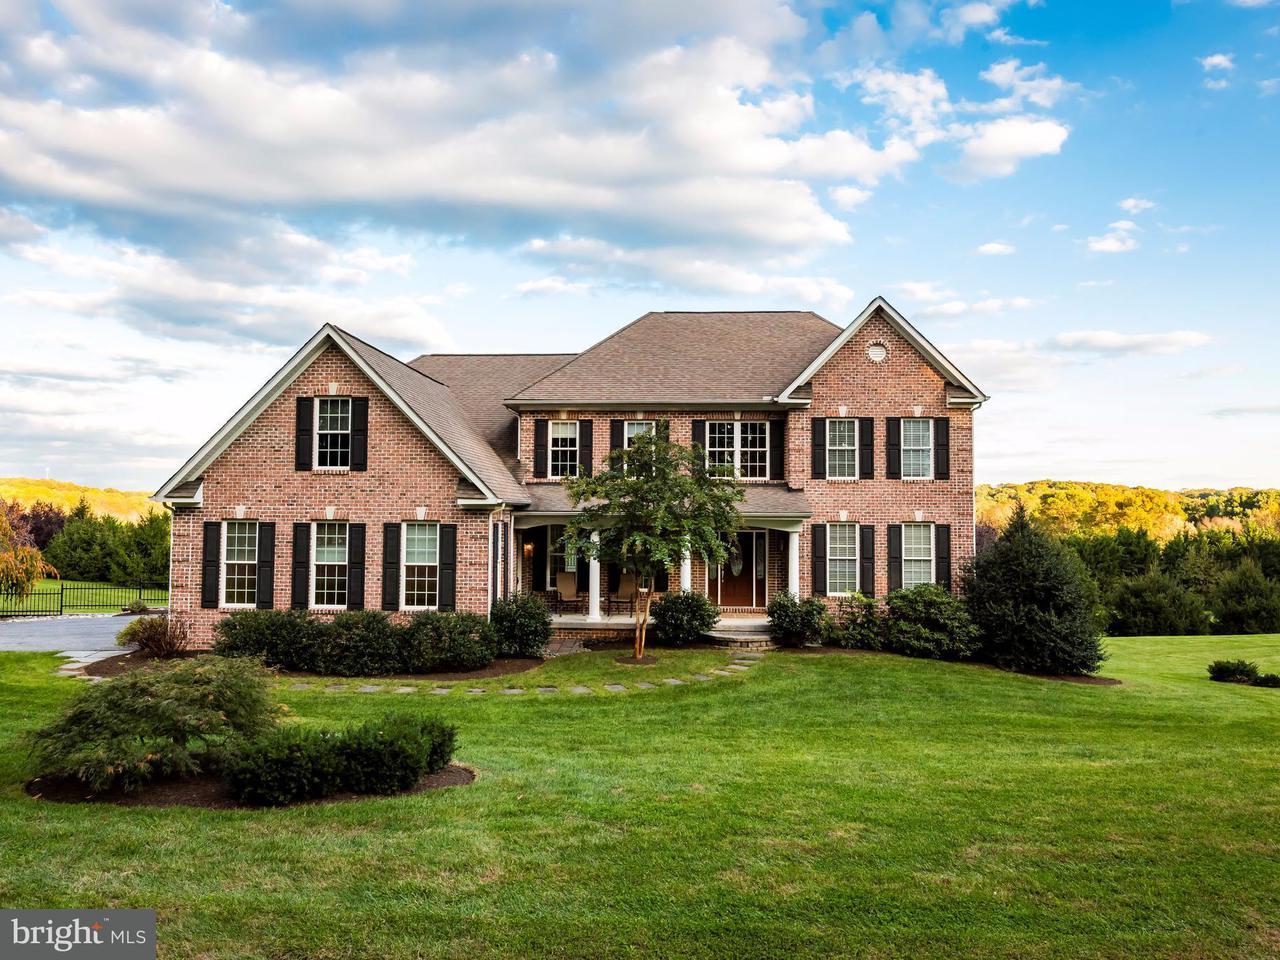 Villa per Vendita alle ore 565 Morgan Station Rd Nw 565 Morgan Station Rd Nw Woodbine, Maryland 21797 Stati Uniti